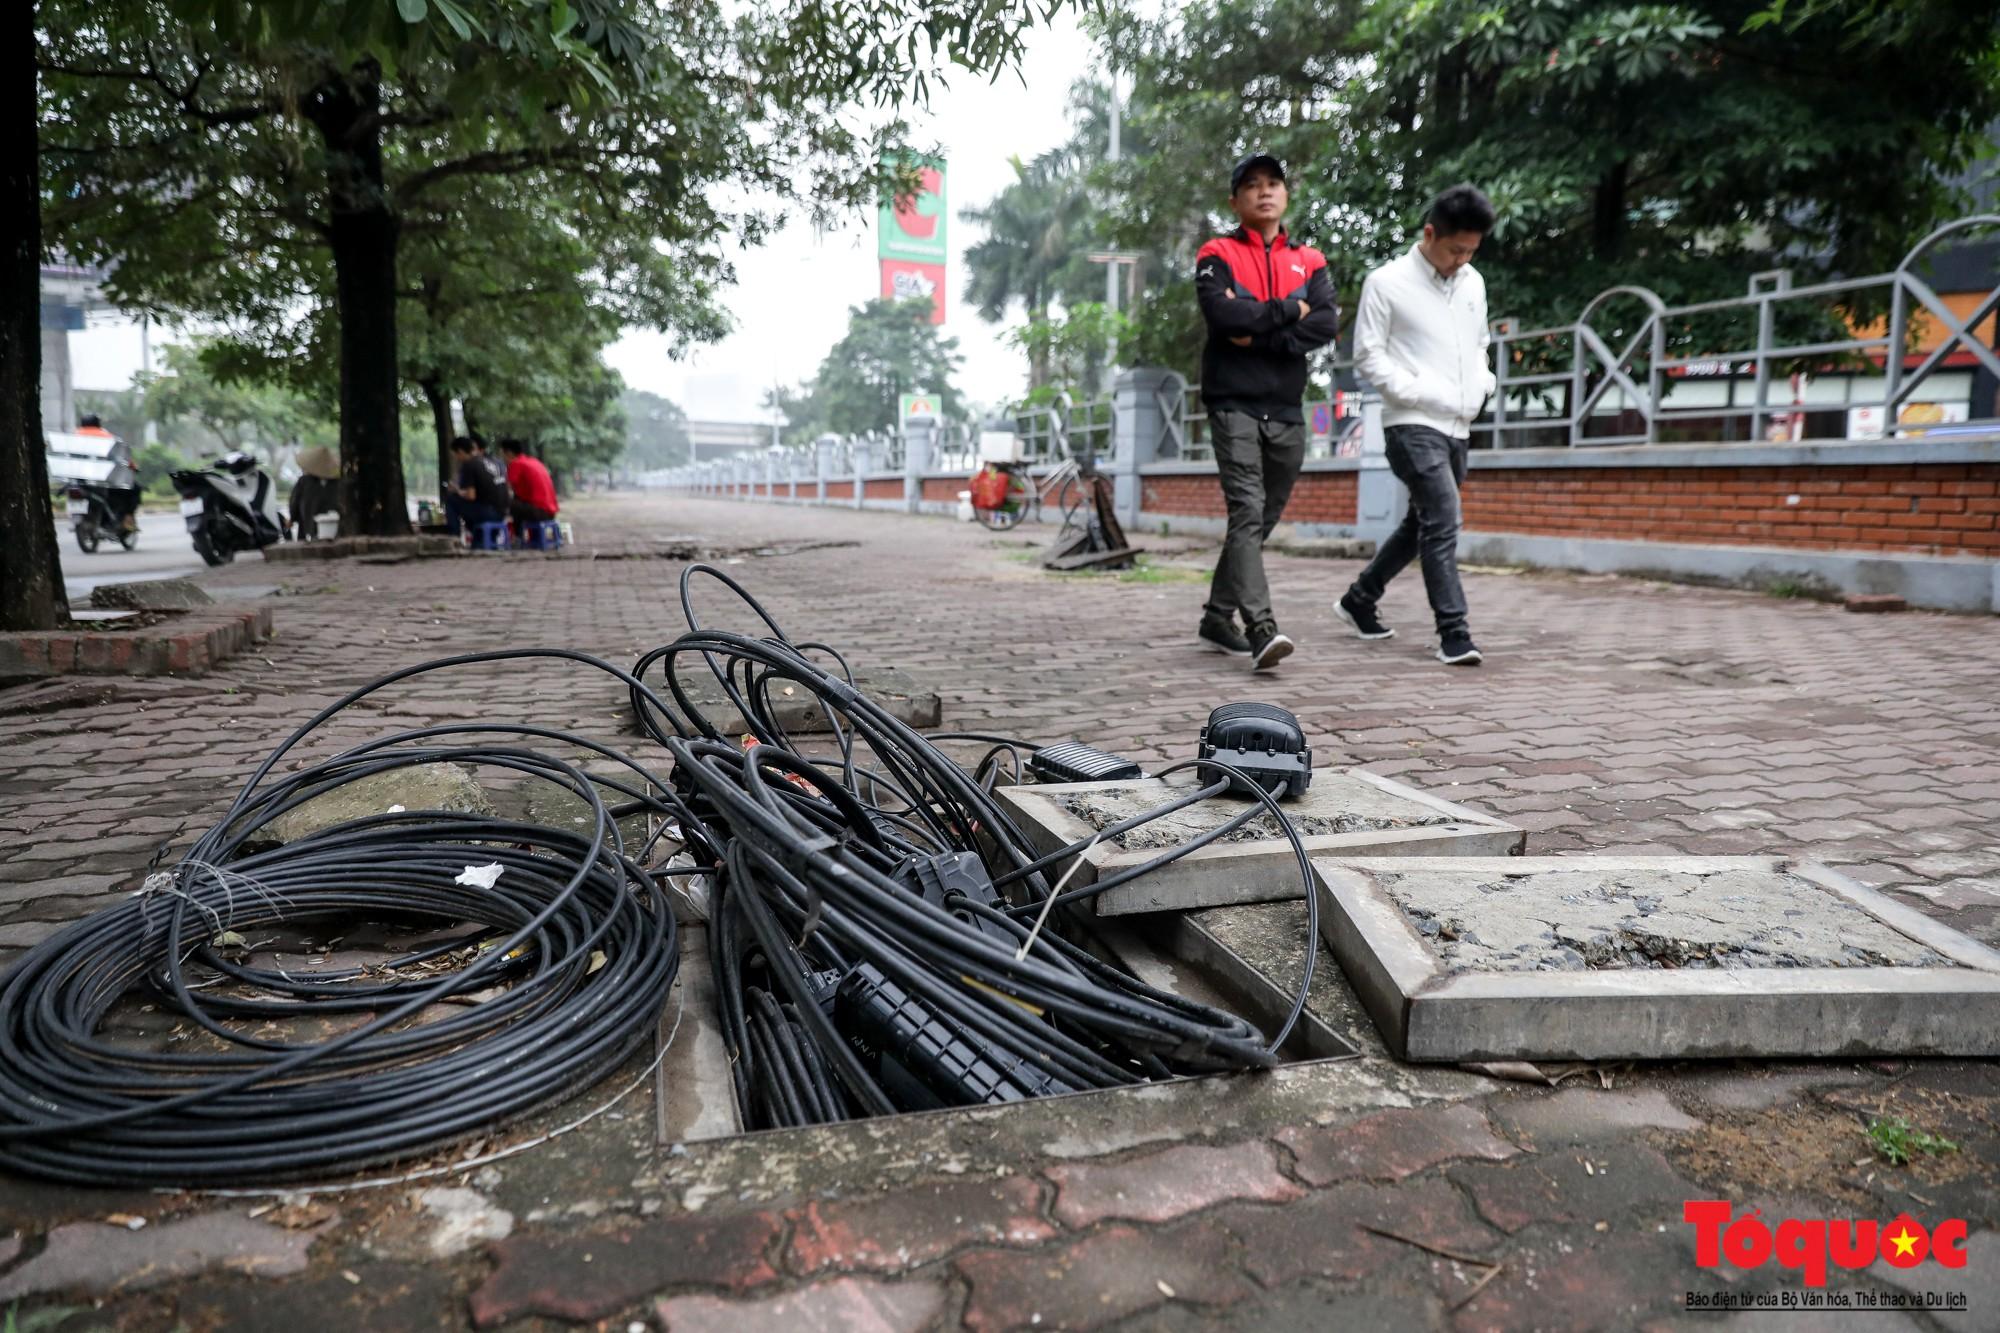 Nhìn những hình ảnh này mới thấy đề xuất cấm xe máy 6 tuyến phố Hà Nội là vô cảm với người dân nghèo - Ảnh 8.